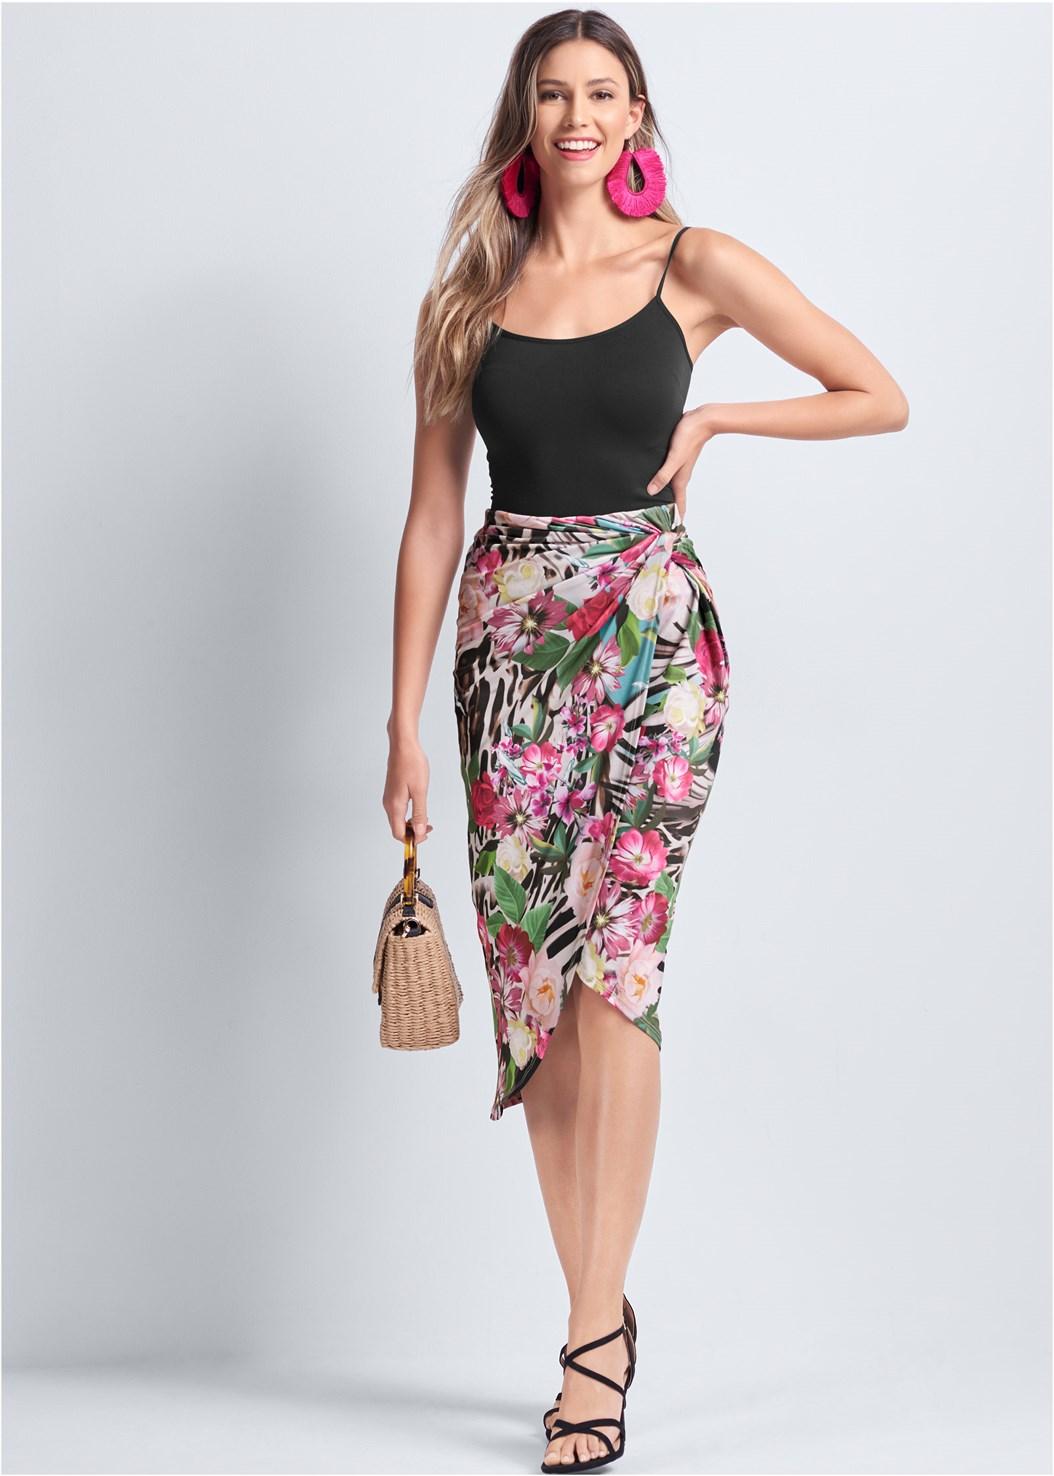 Tropical Print Midi Skirt,Basic Cami Two Pack,Oversized Fringe Earrings,Wicker Straw Bag